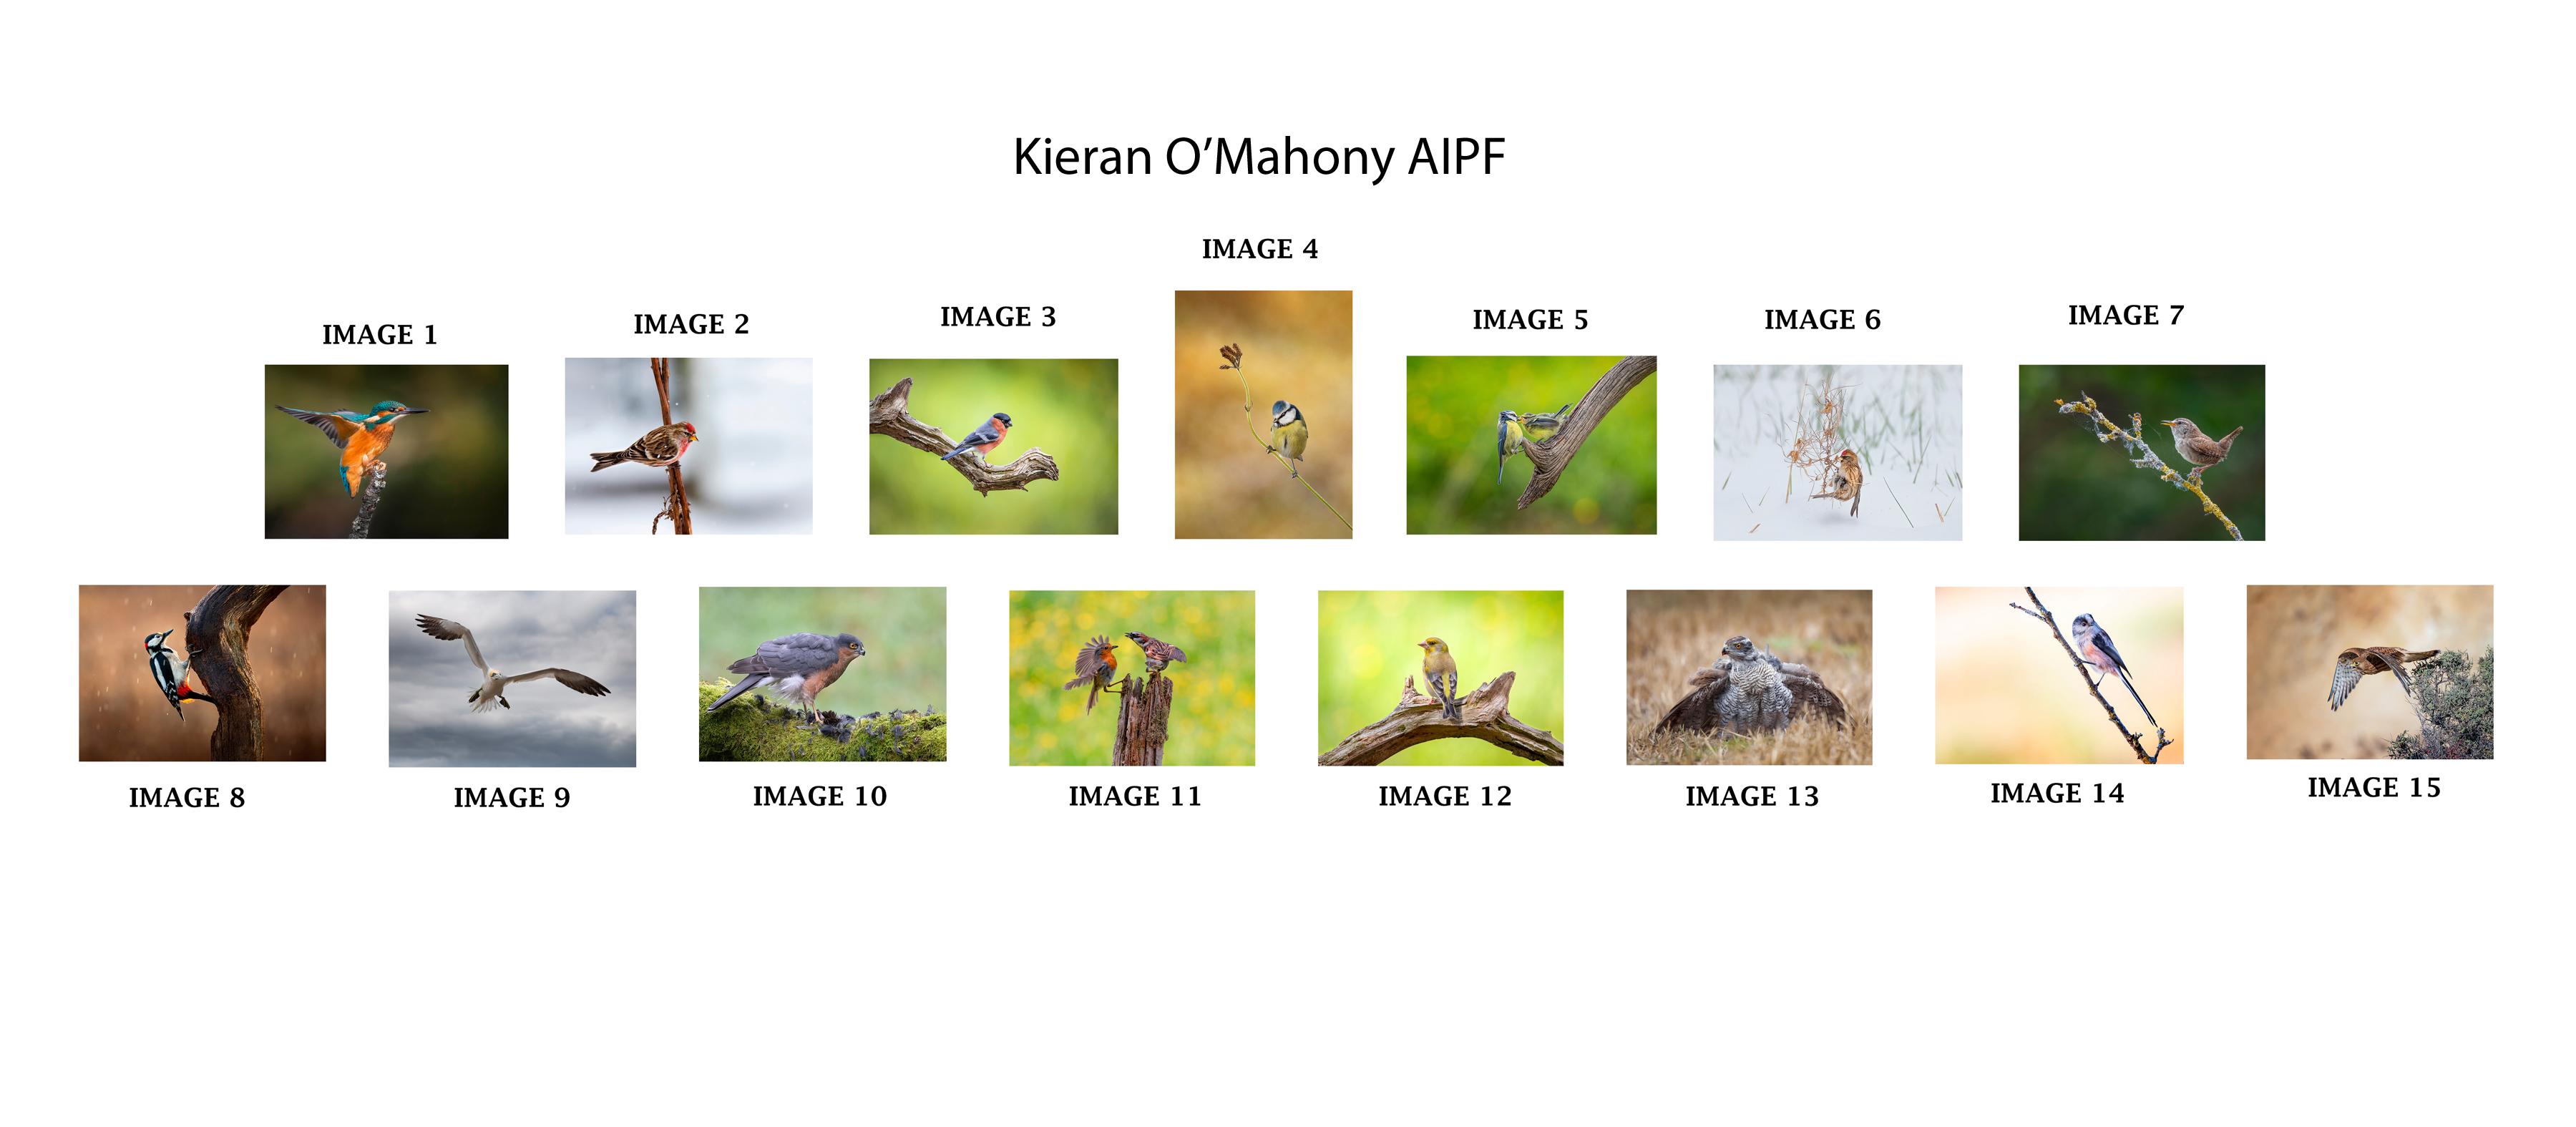 Kieran O'Mahony, AIPF, Mallow Camera Club